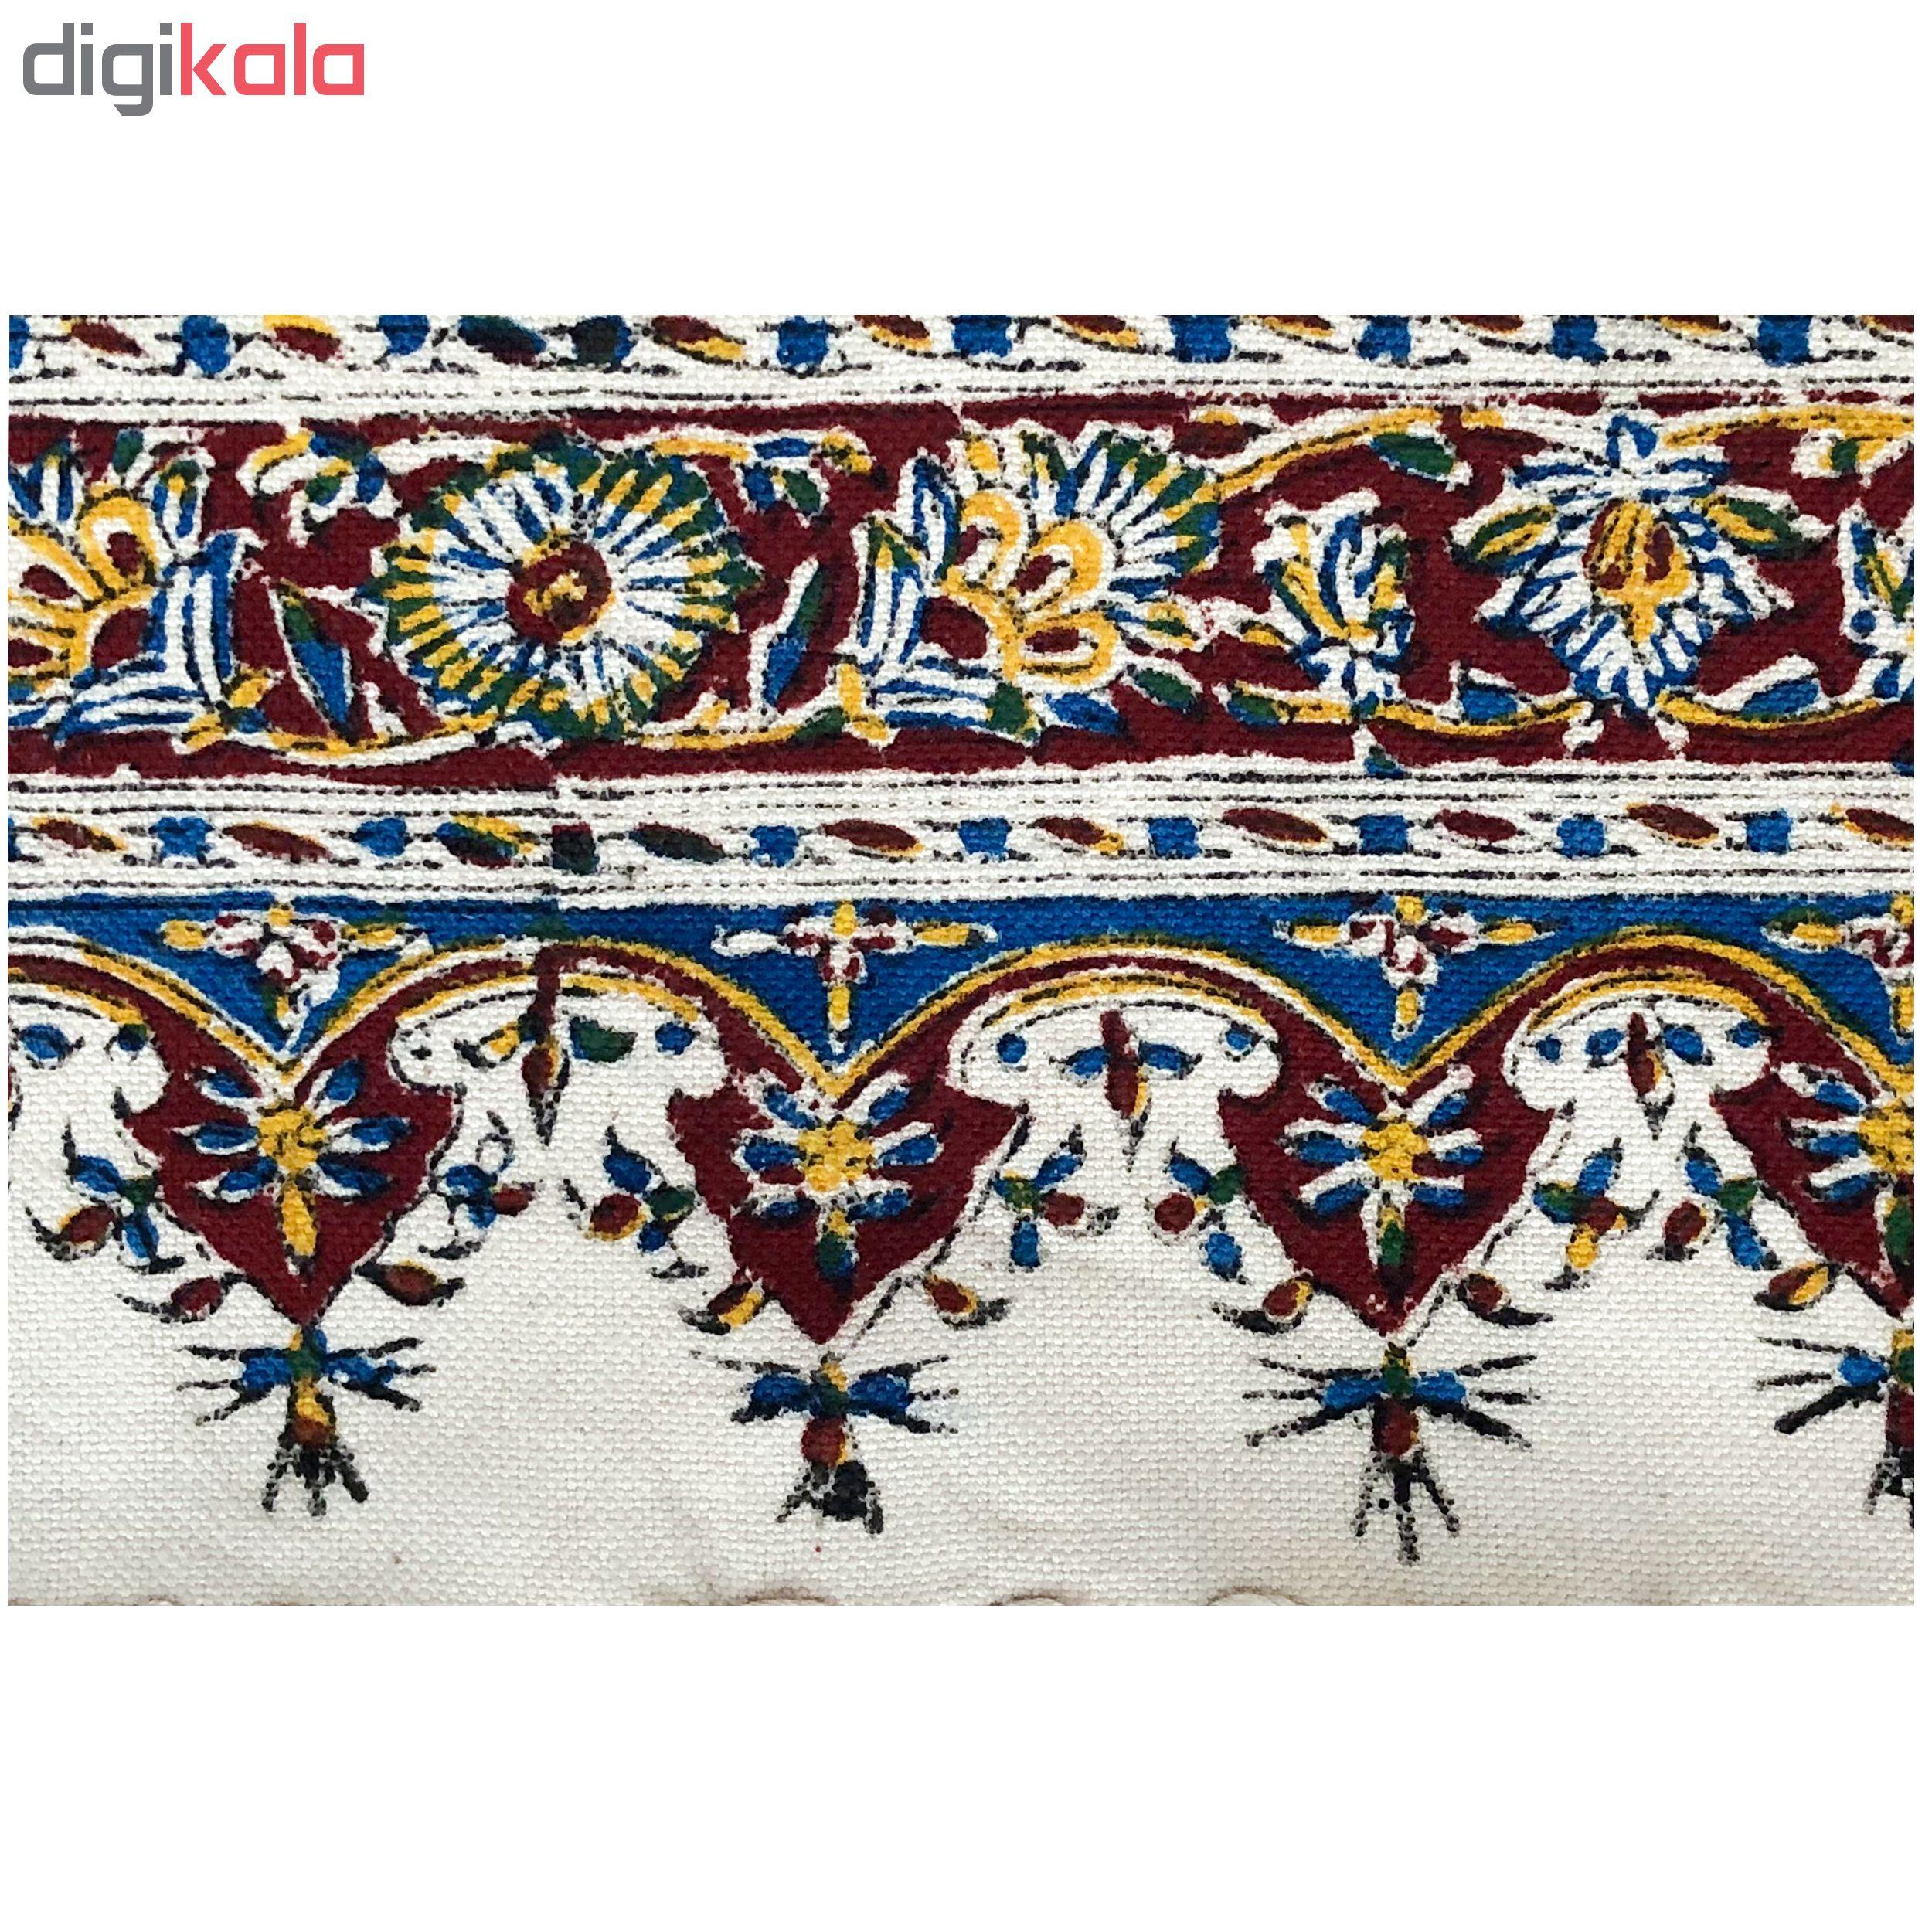 خرید                      رومیزی قلمکار ممتاز اصفهان اثر عطريان  طرح حصیری مدل G177 سايز 150 * 100 سانتي متر